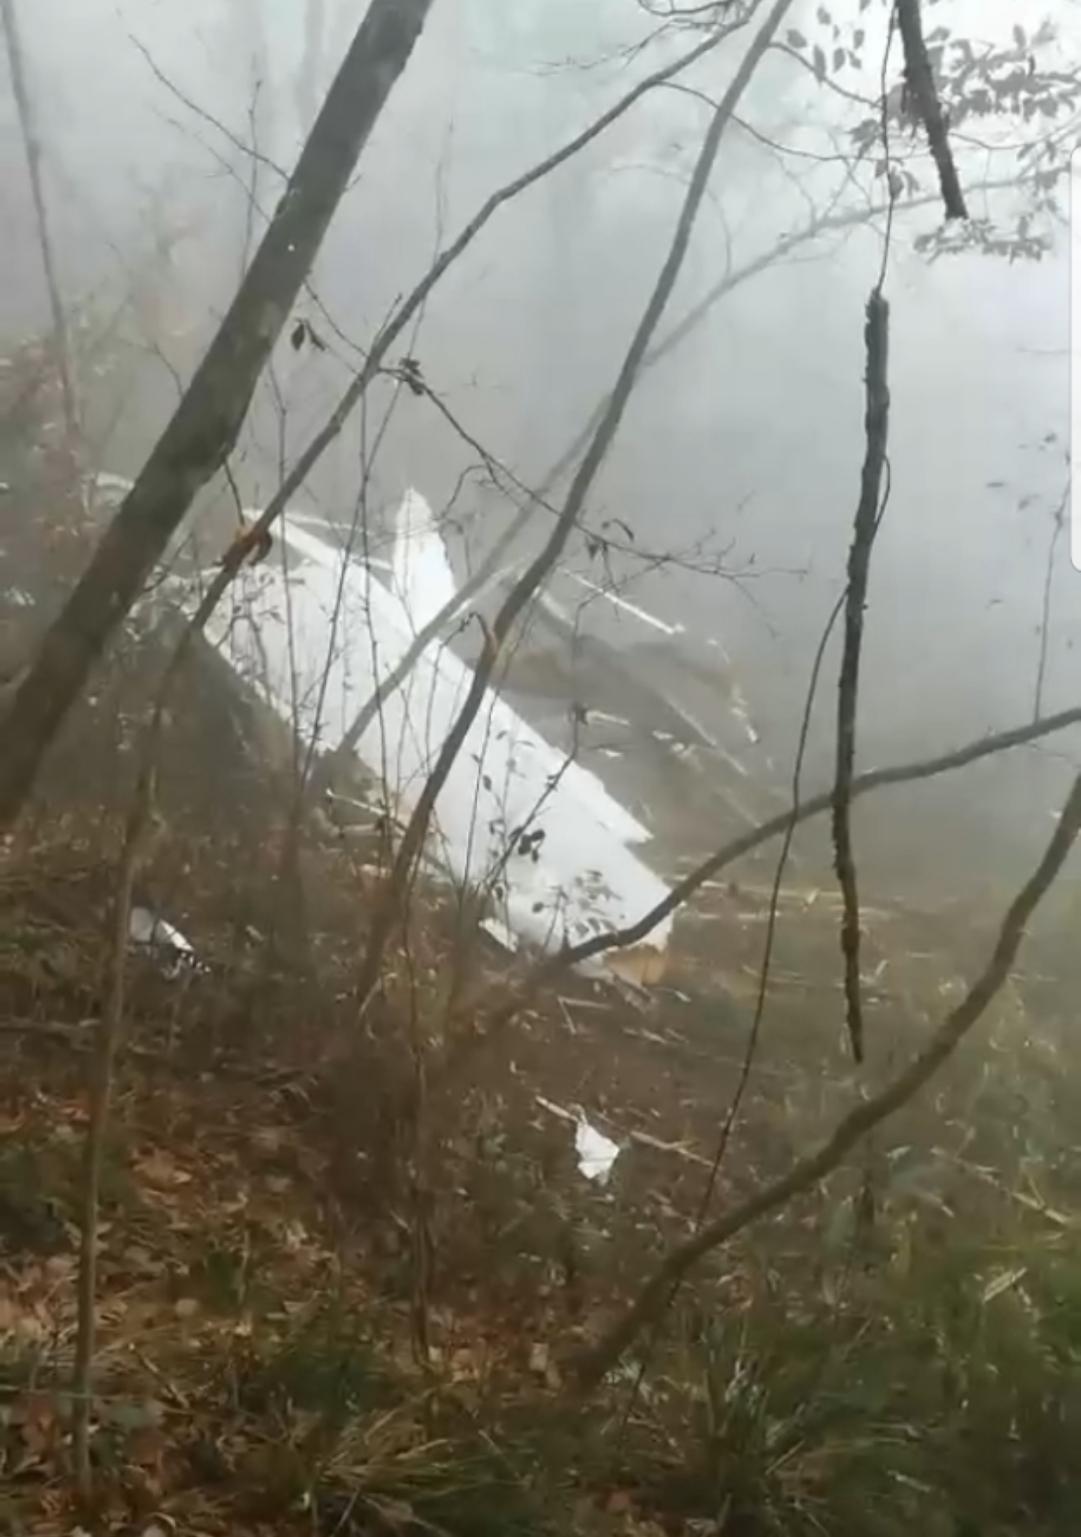 村民在找到失事飞机后拍到的画面。受访者供图